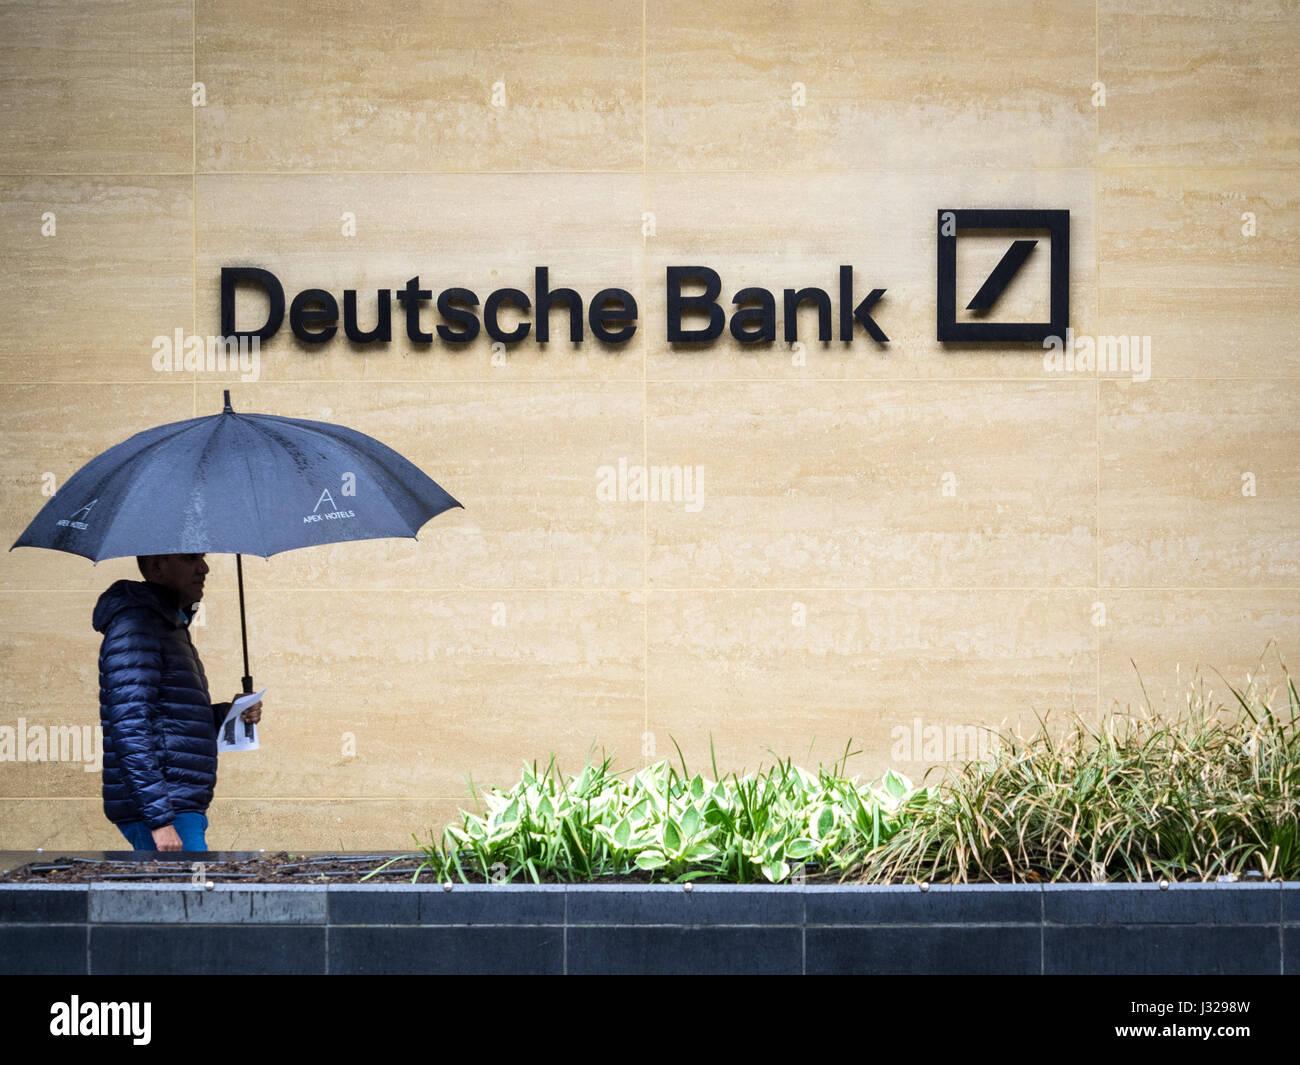 Deutsche Bank London Imagenes De Stock Deutsche Bank London